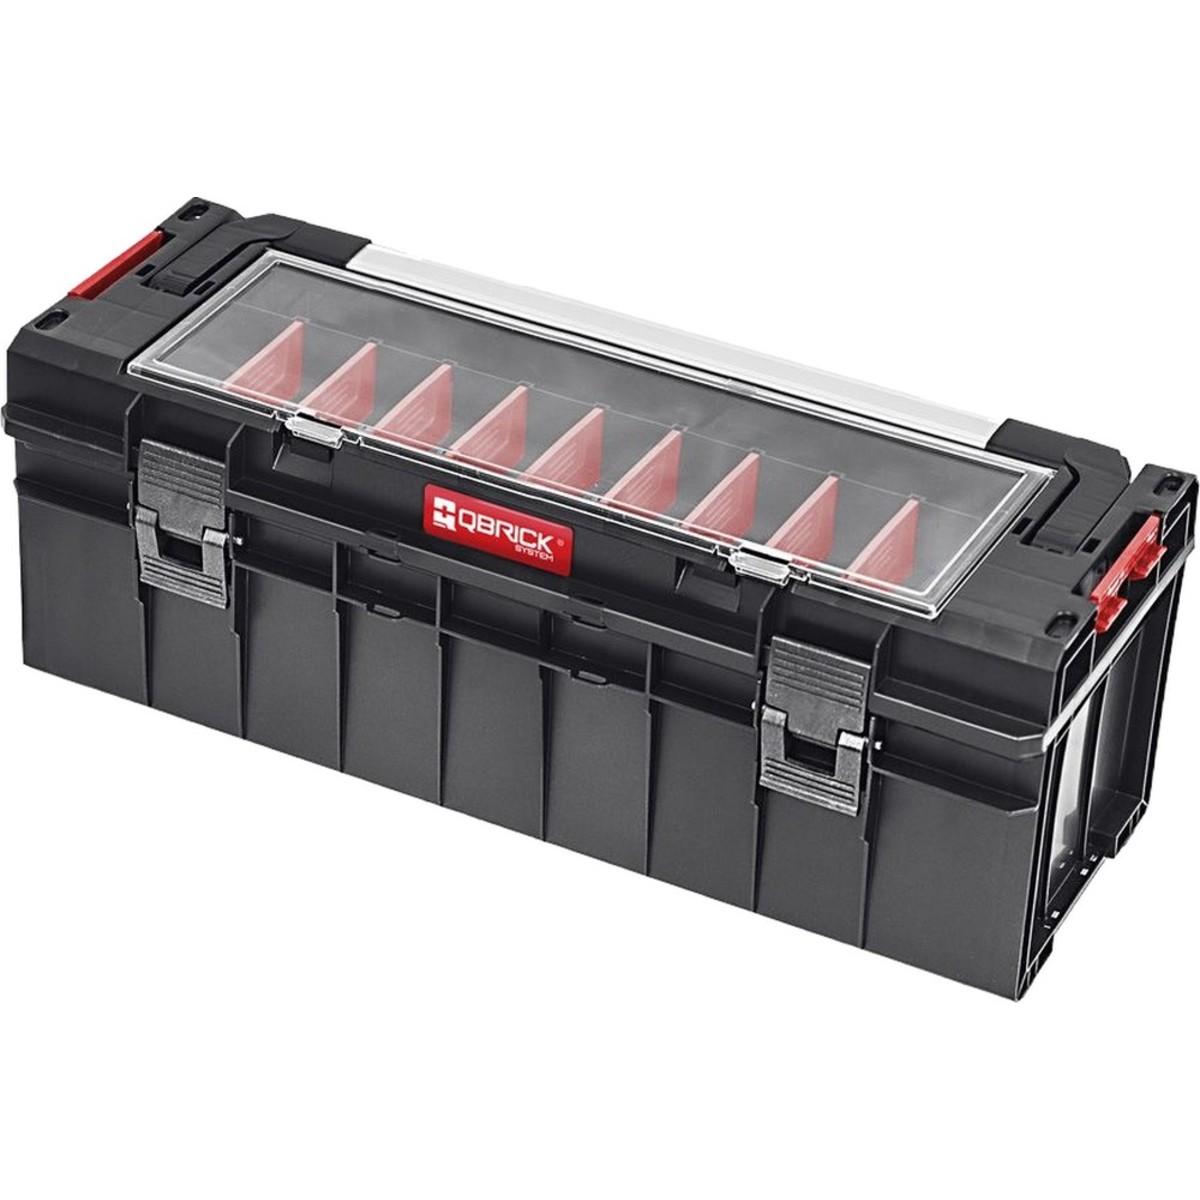 Ящик для инструментов QBRICK SYSTEM PRO 700 650x270x272мм